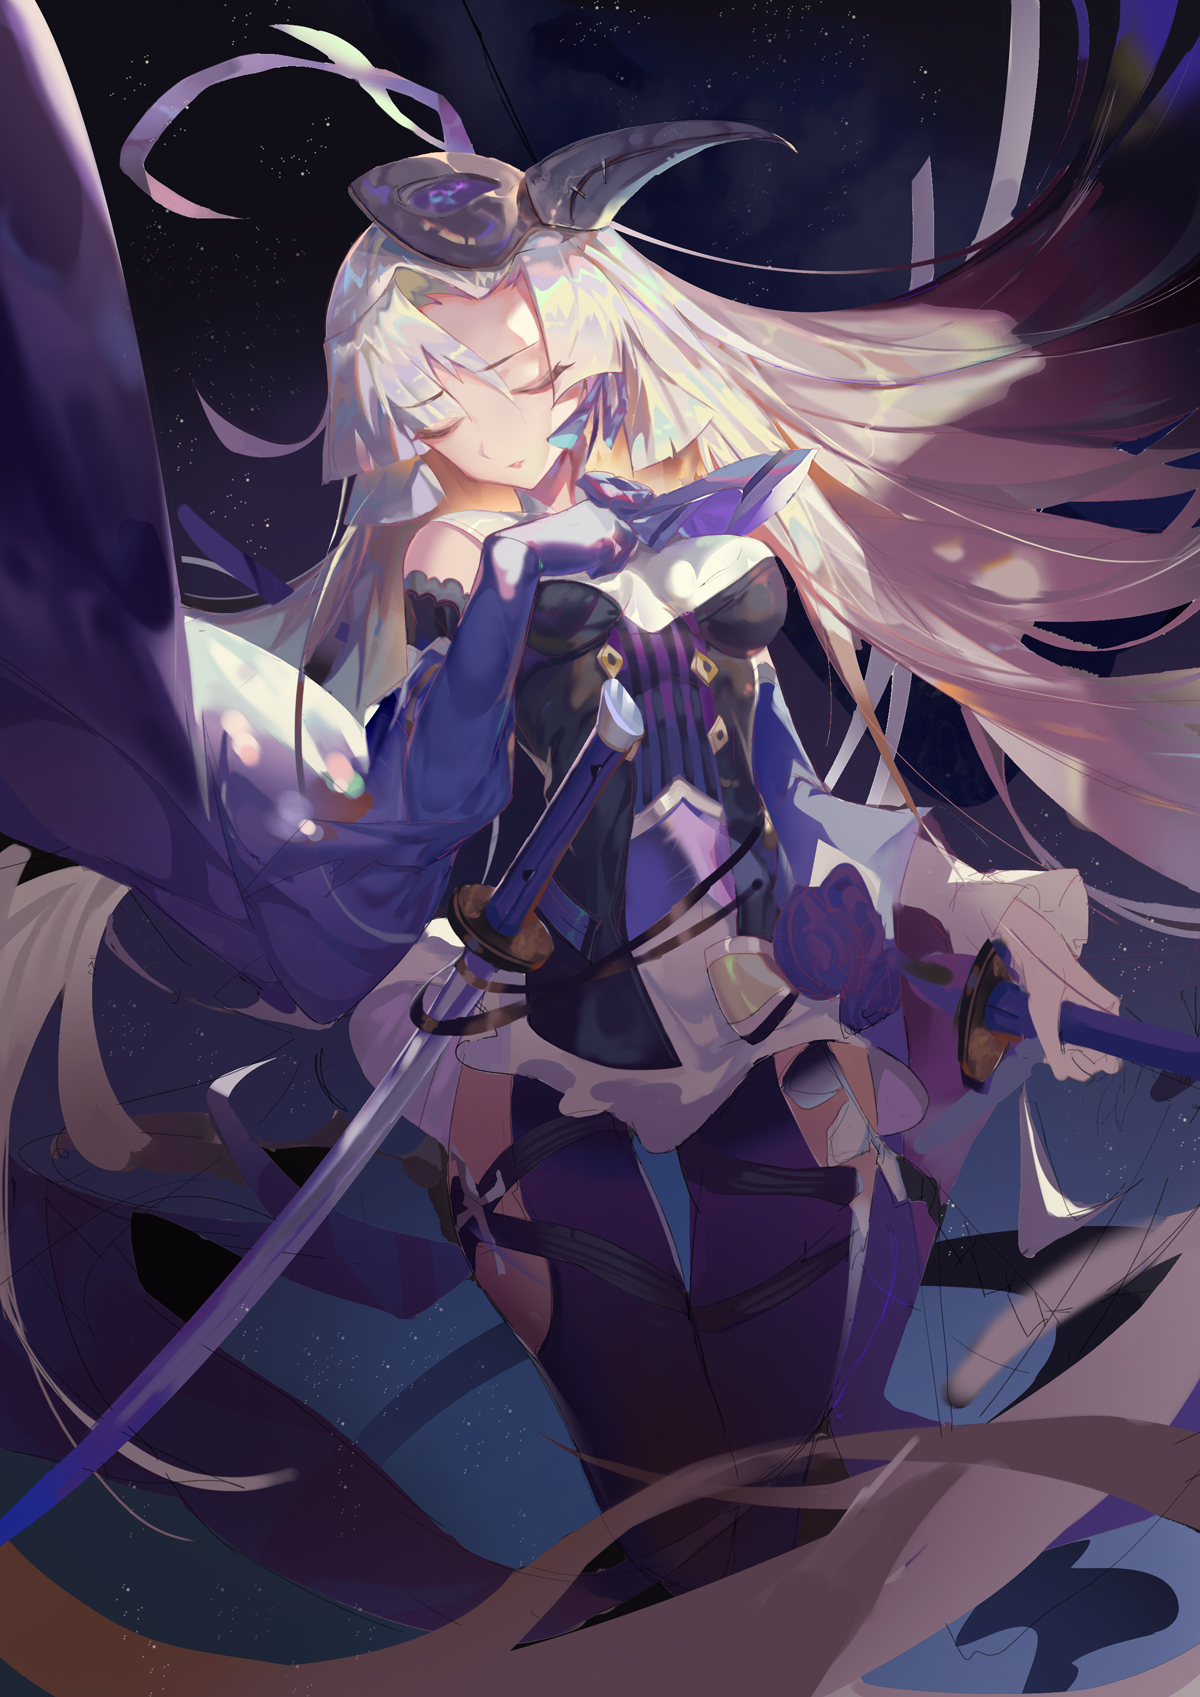 Houkai 3rd Honkai Impact 3rd Zerochan Anime Image Board